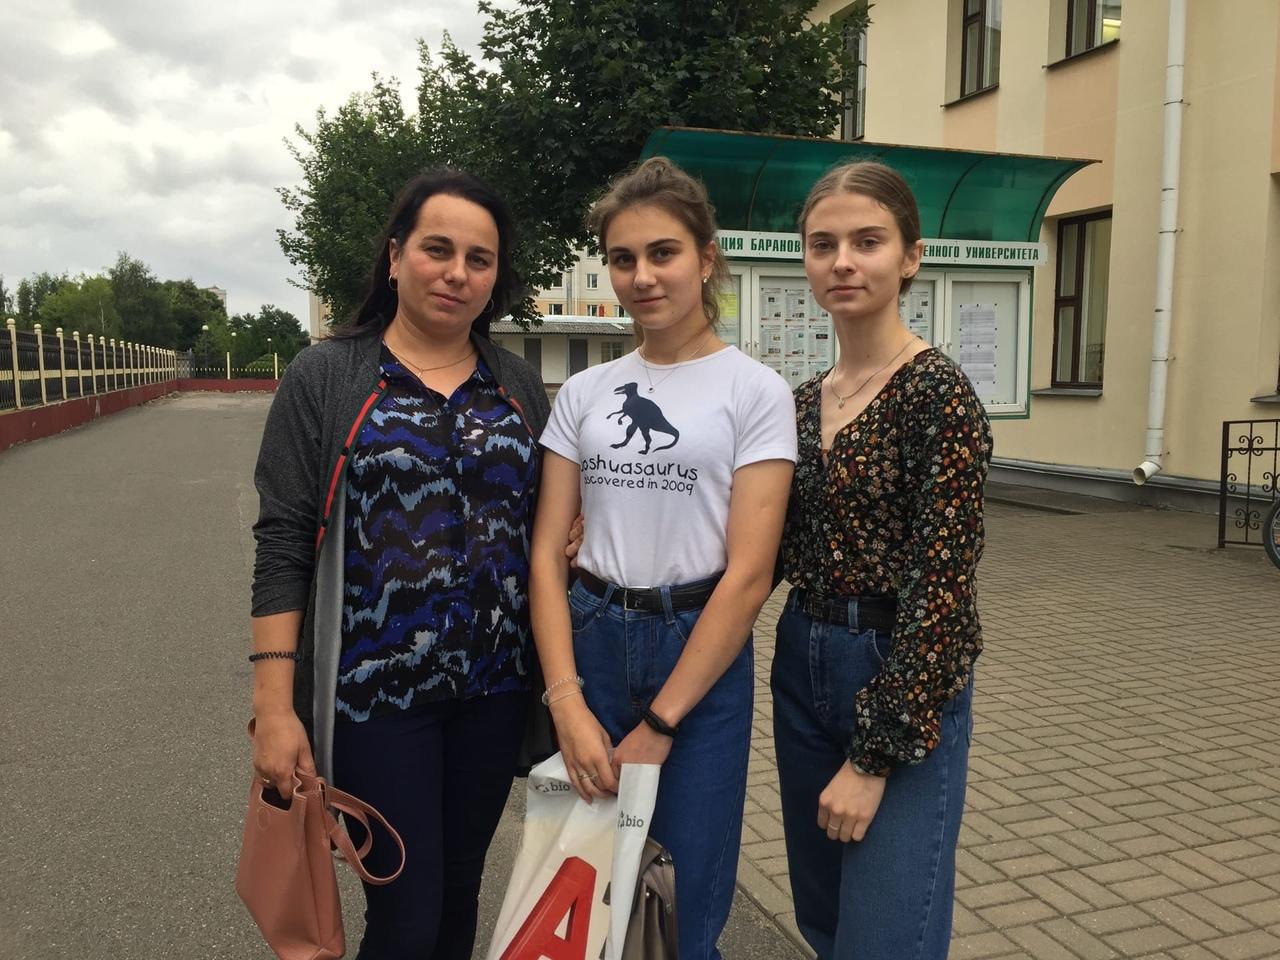 Абитуриентка Яна Бирило (в центре) с мамой Светланой и сестрой Александрой. Фото: Диана КОСЯКИНА